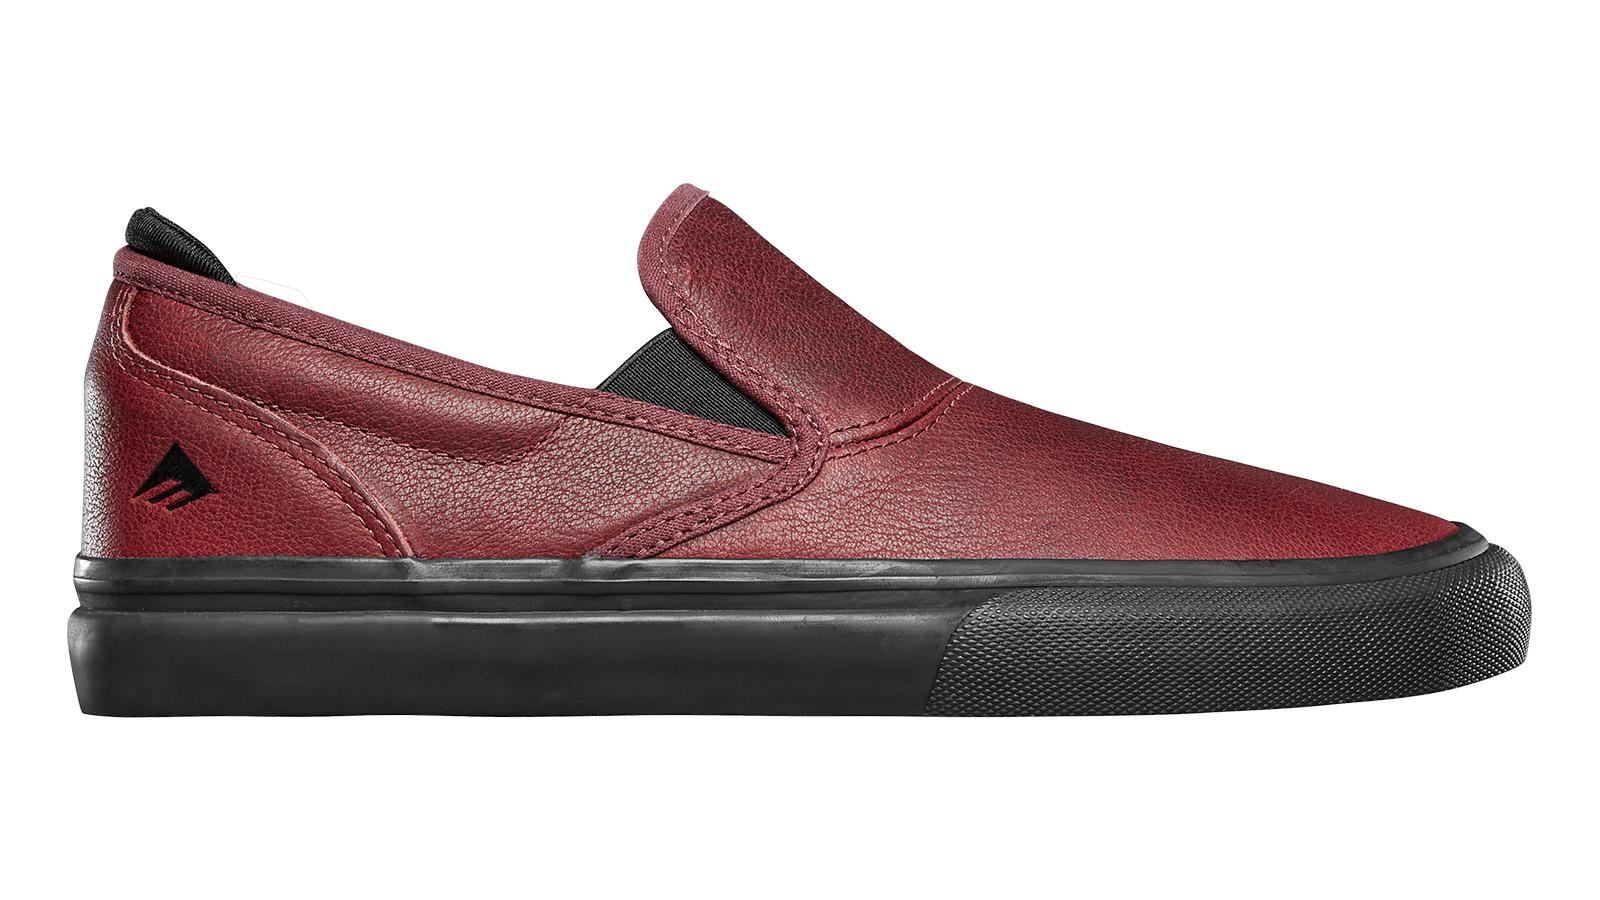 Emerica FW20/21 Skate Shoes